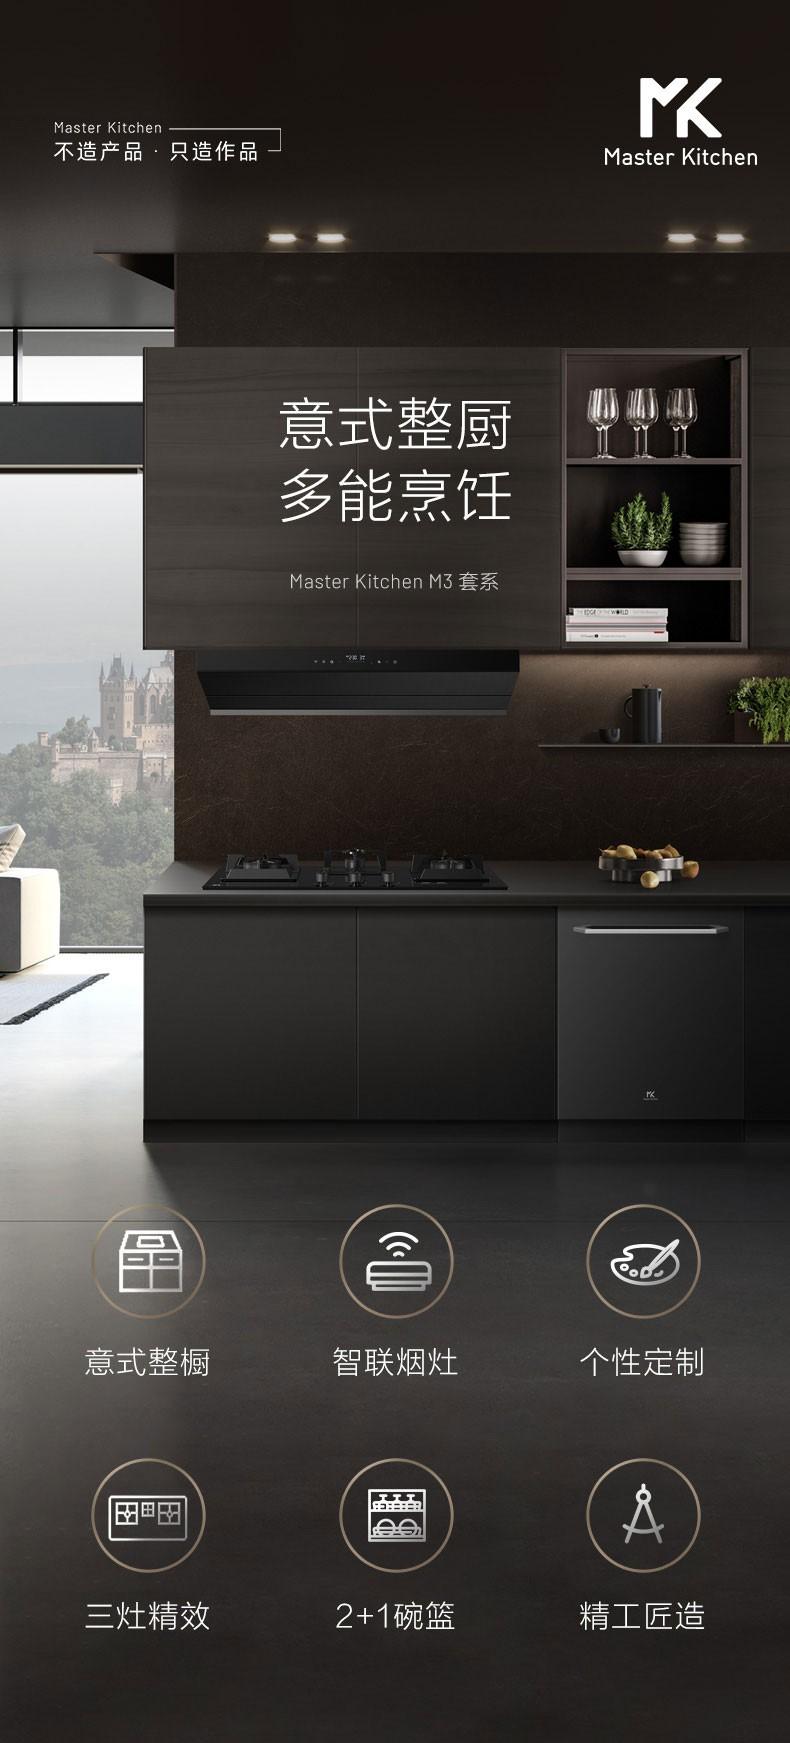 将艺术融入生活 意大利大师级·高定厨房Master Kitchen打造全新魅力家居空间